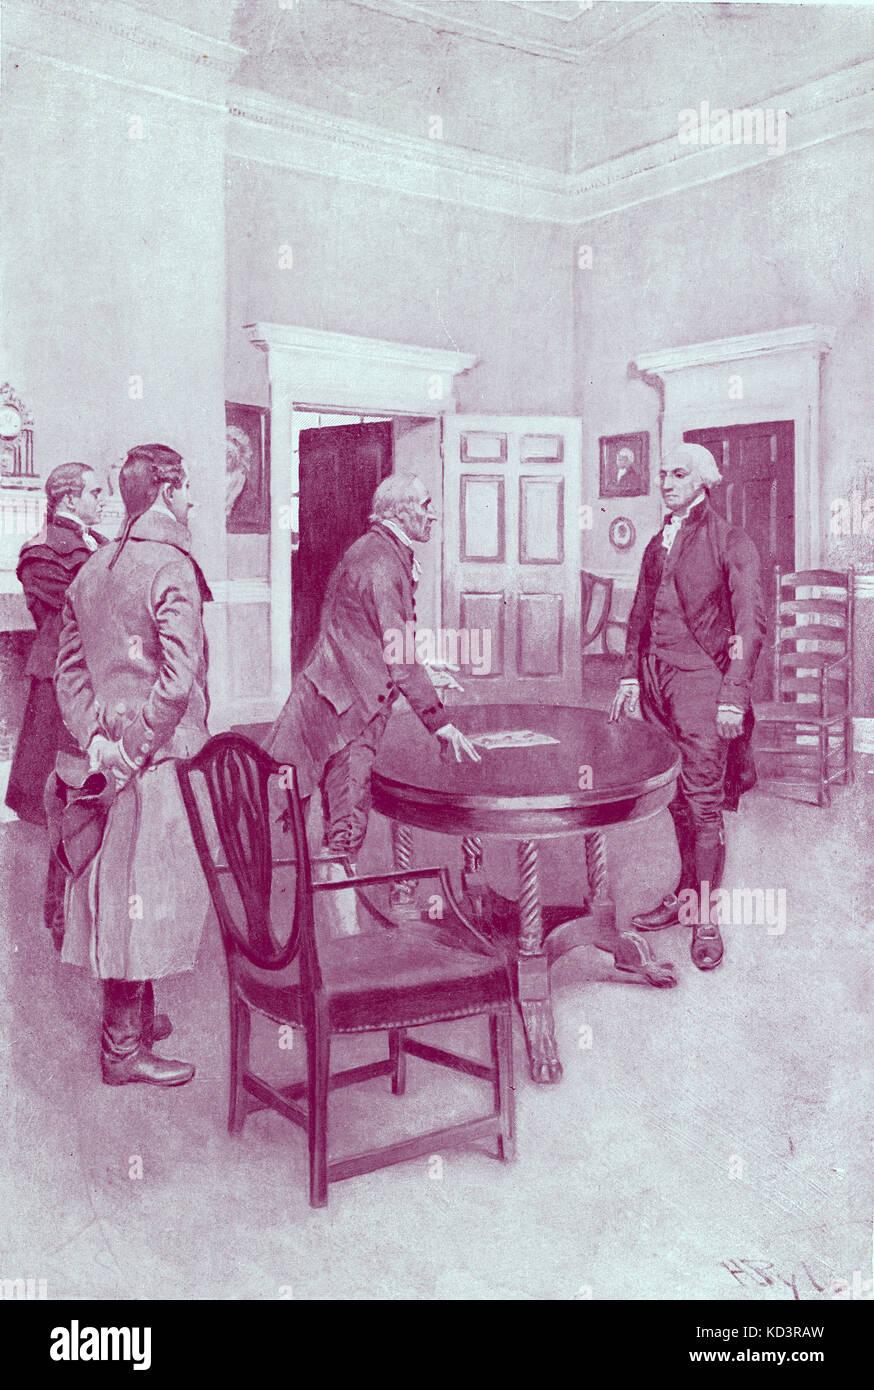 Charles Thompson annonce à George Washington son élection comme premier président des États-Unis à Mount Vernon, 1789. Illustration de Howard Pyle, 1896 Banque D'Images